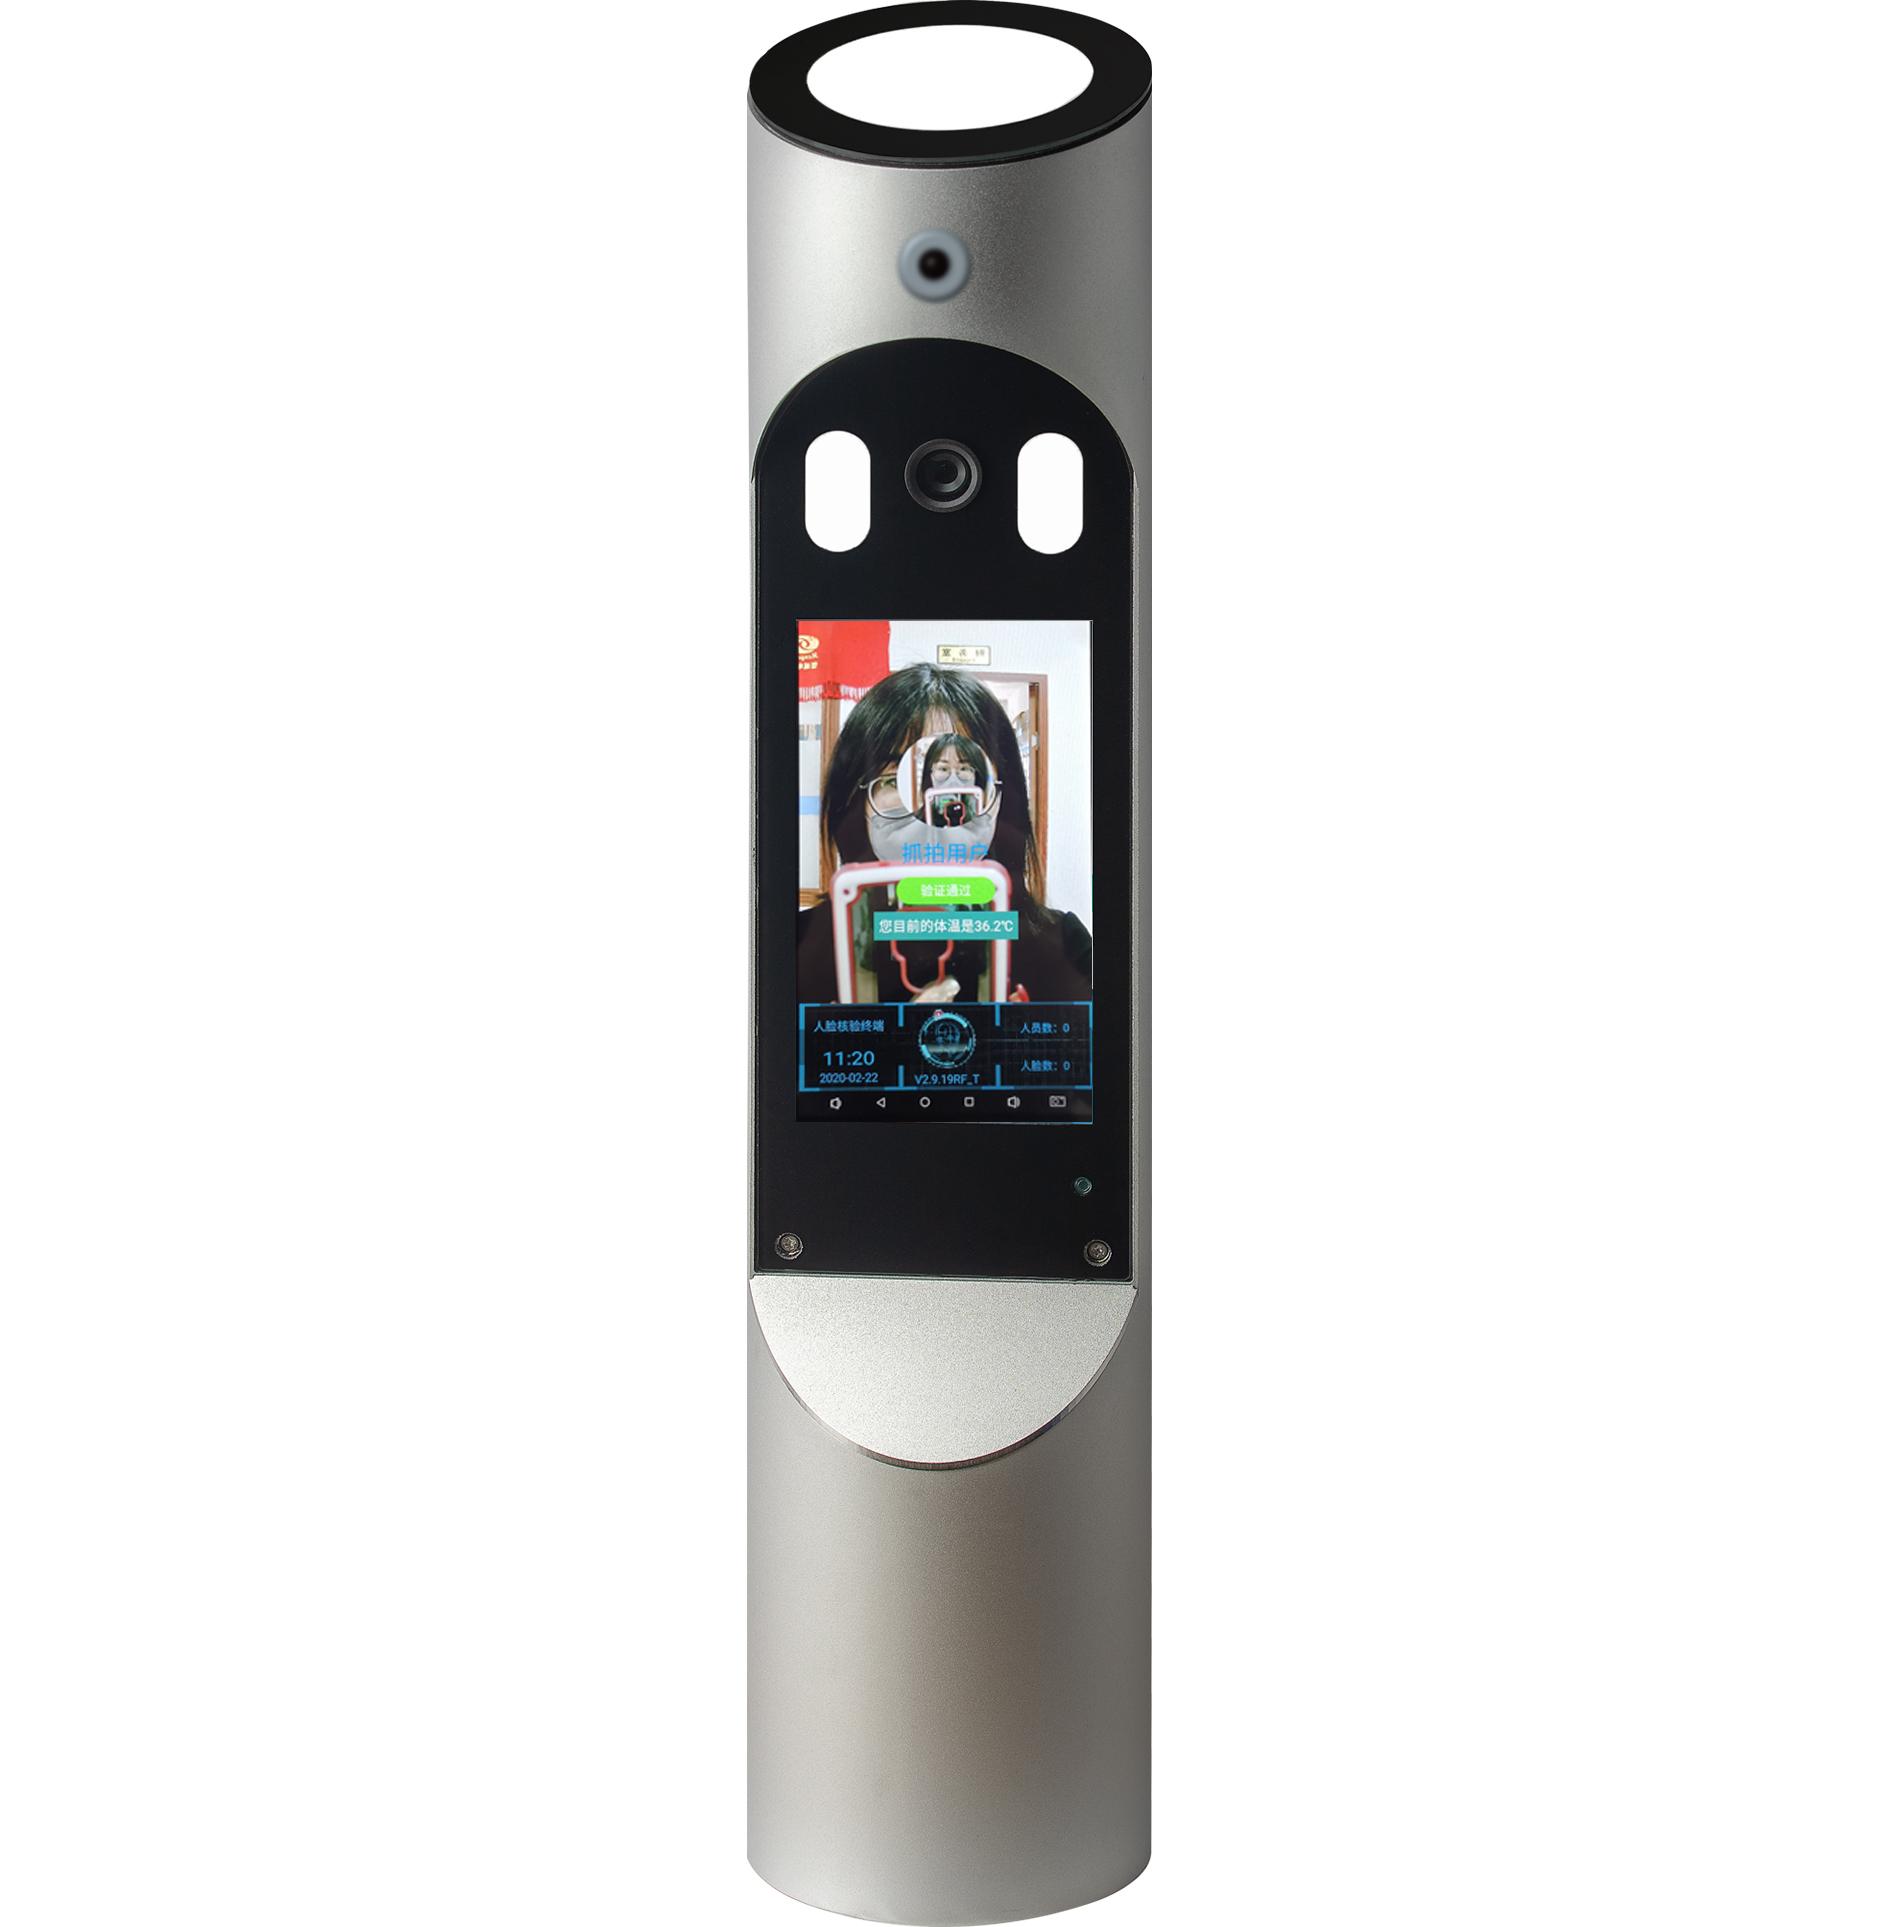 双目人脸识别红外测温一体机 VES -C2H7Y/ SL